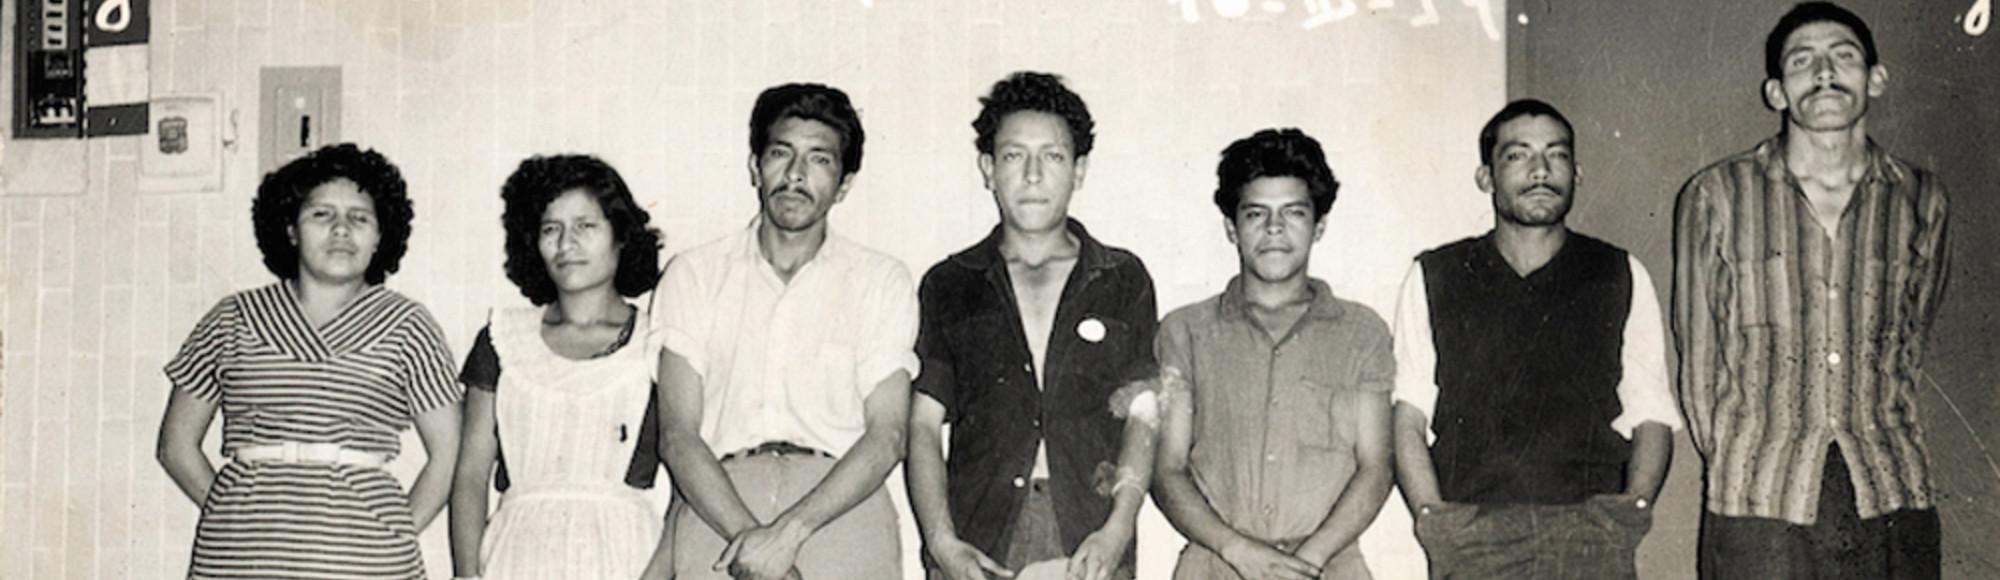 Guerrillas, Bandits, and Terrorists